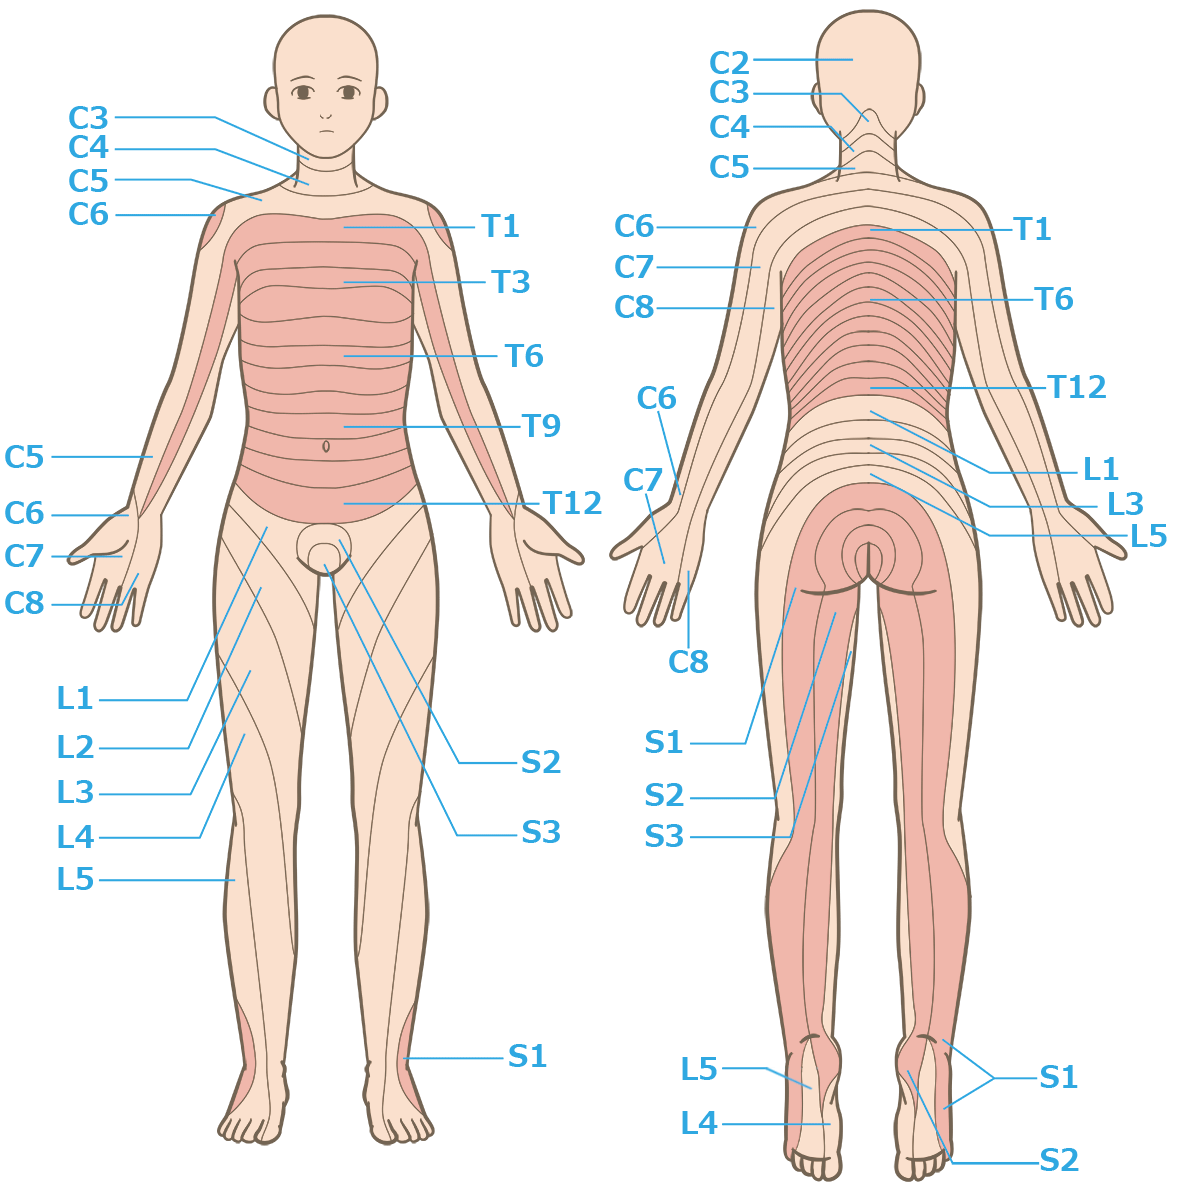 月経痛 生理痛 TENS 電気刺激 デルマトーム